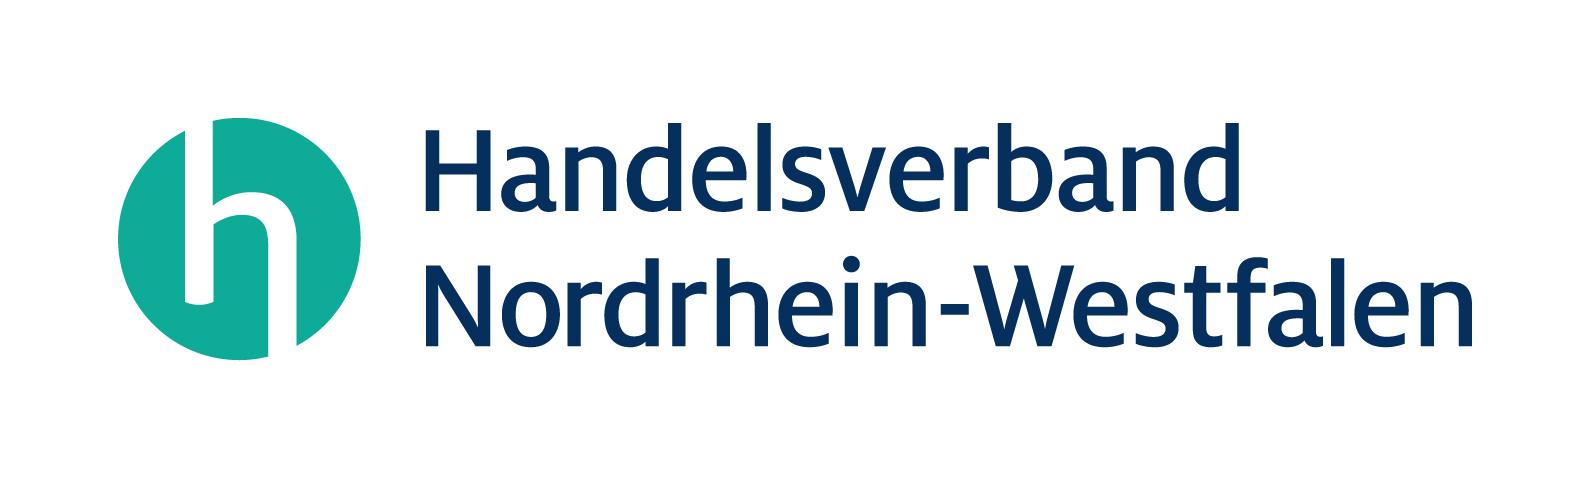 Handelsverband Nordrhein-Westfalen